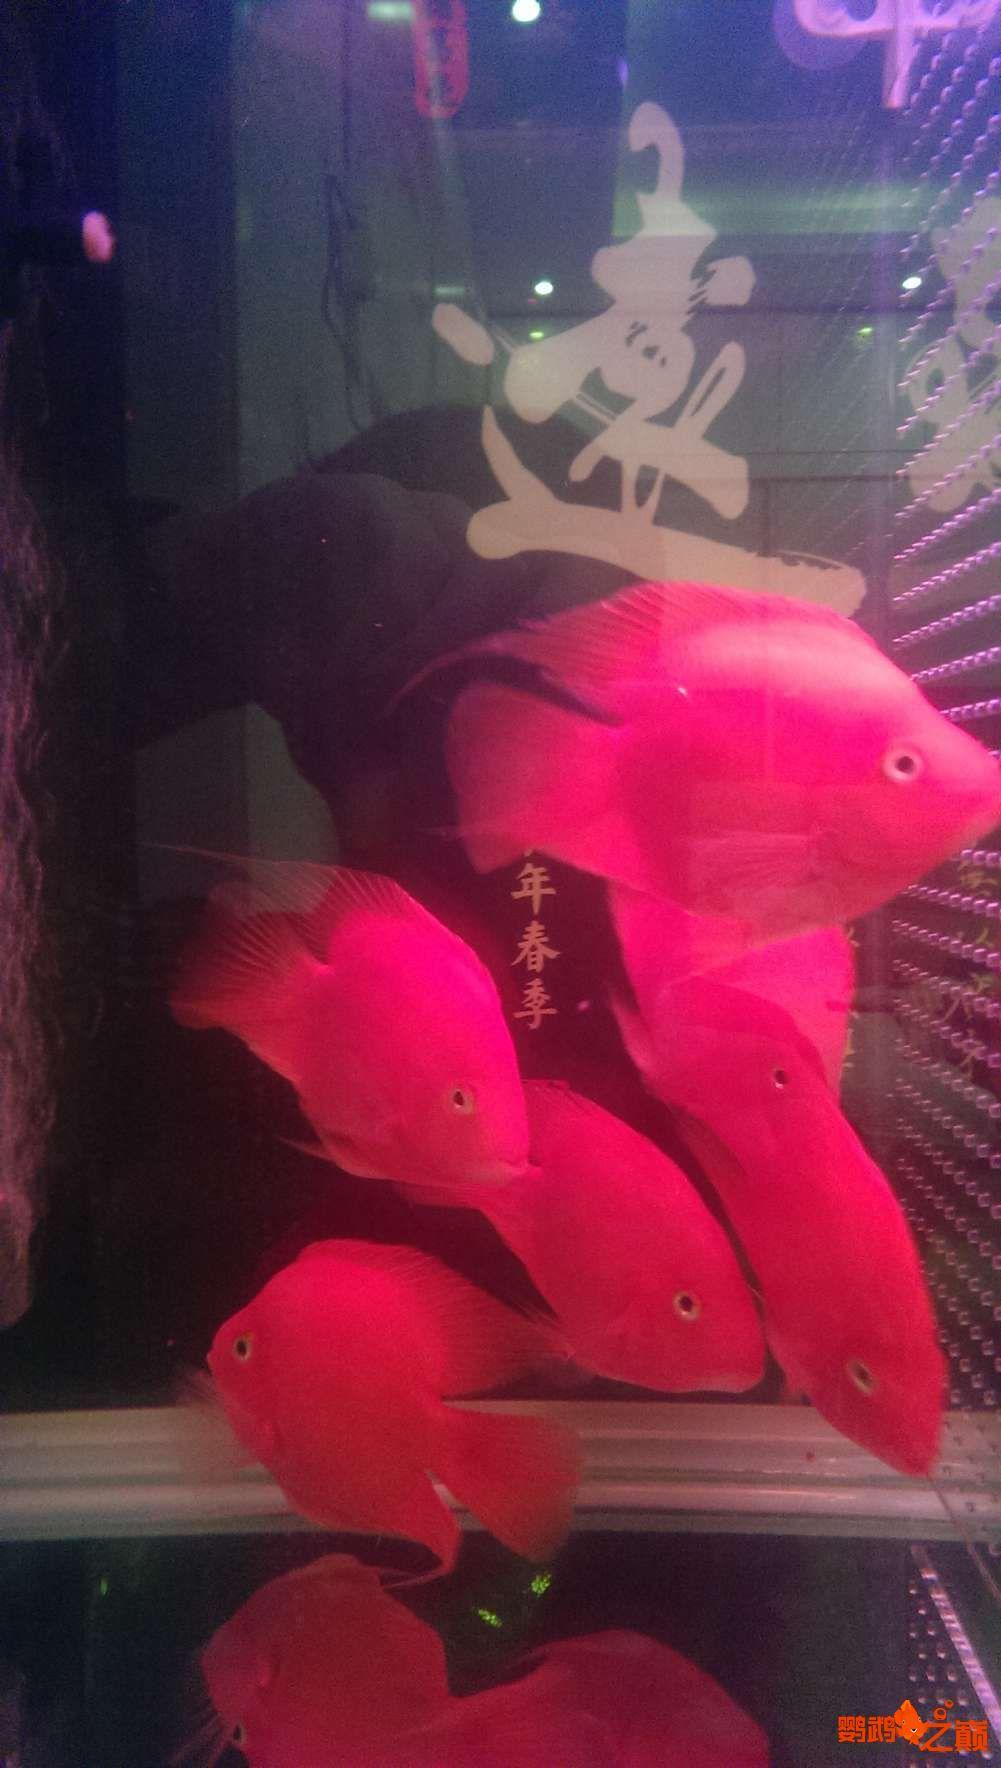 血西安罗汉鱼本买下6条台湾开心渔场噶玛兰红财神晒晒小靓照持 西安观赏鱼信息 西安博特第5张